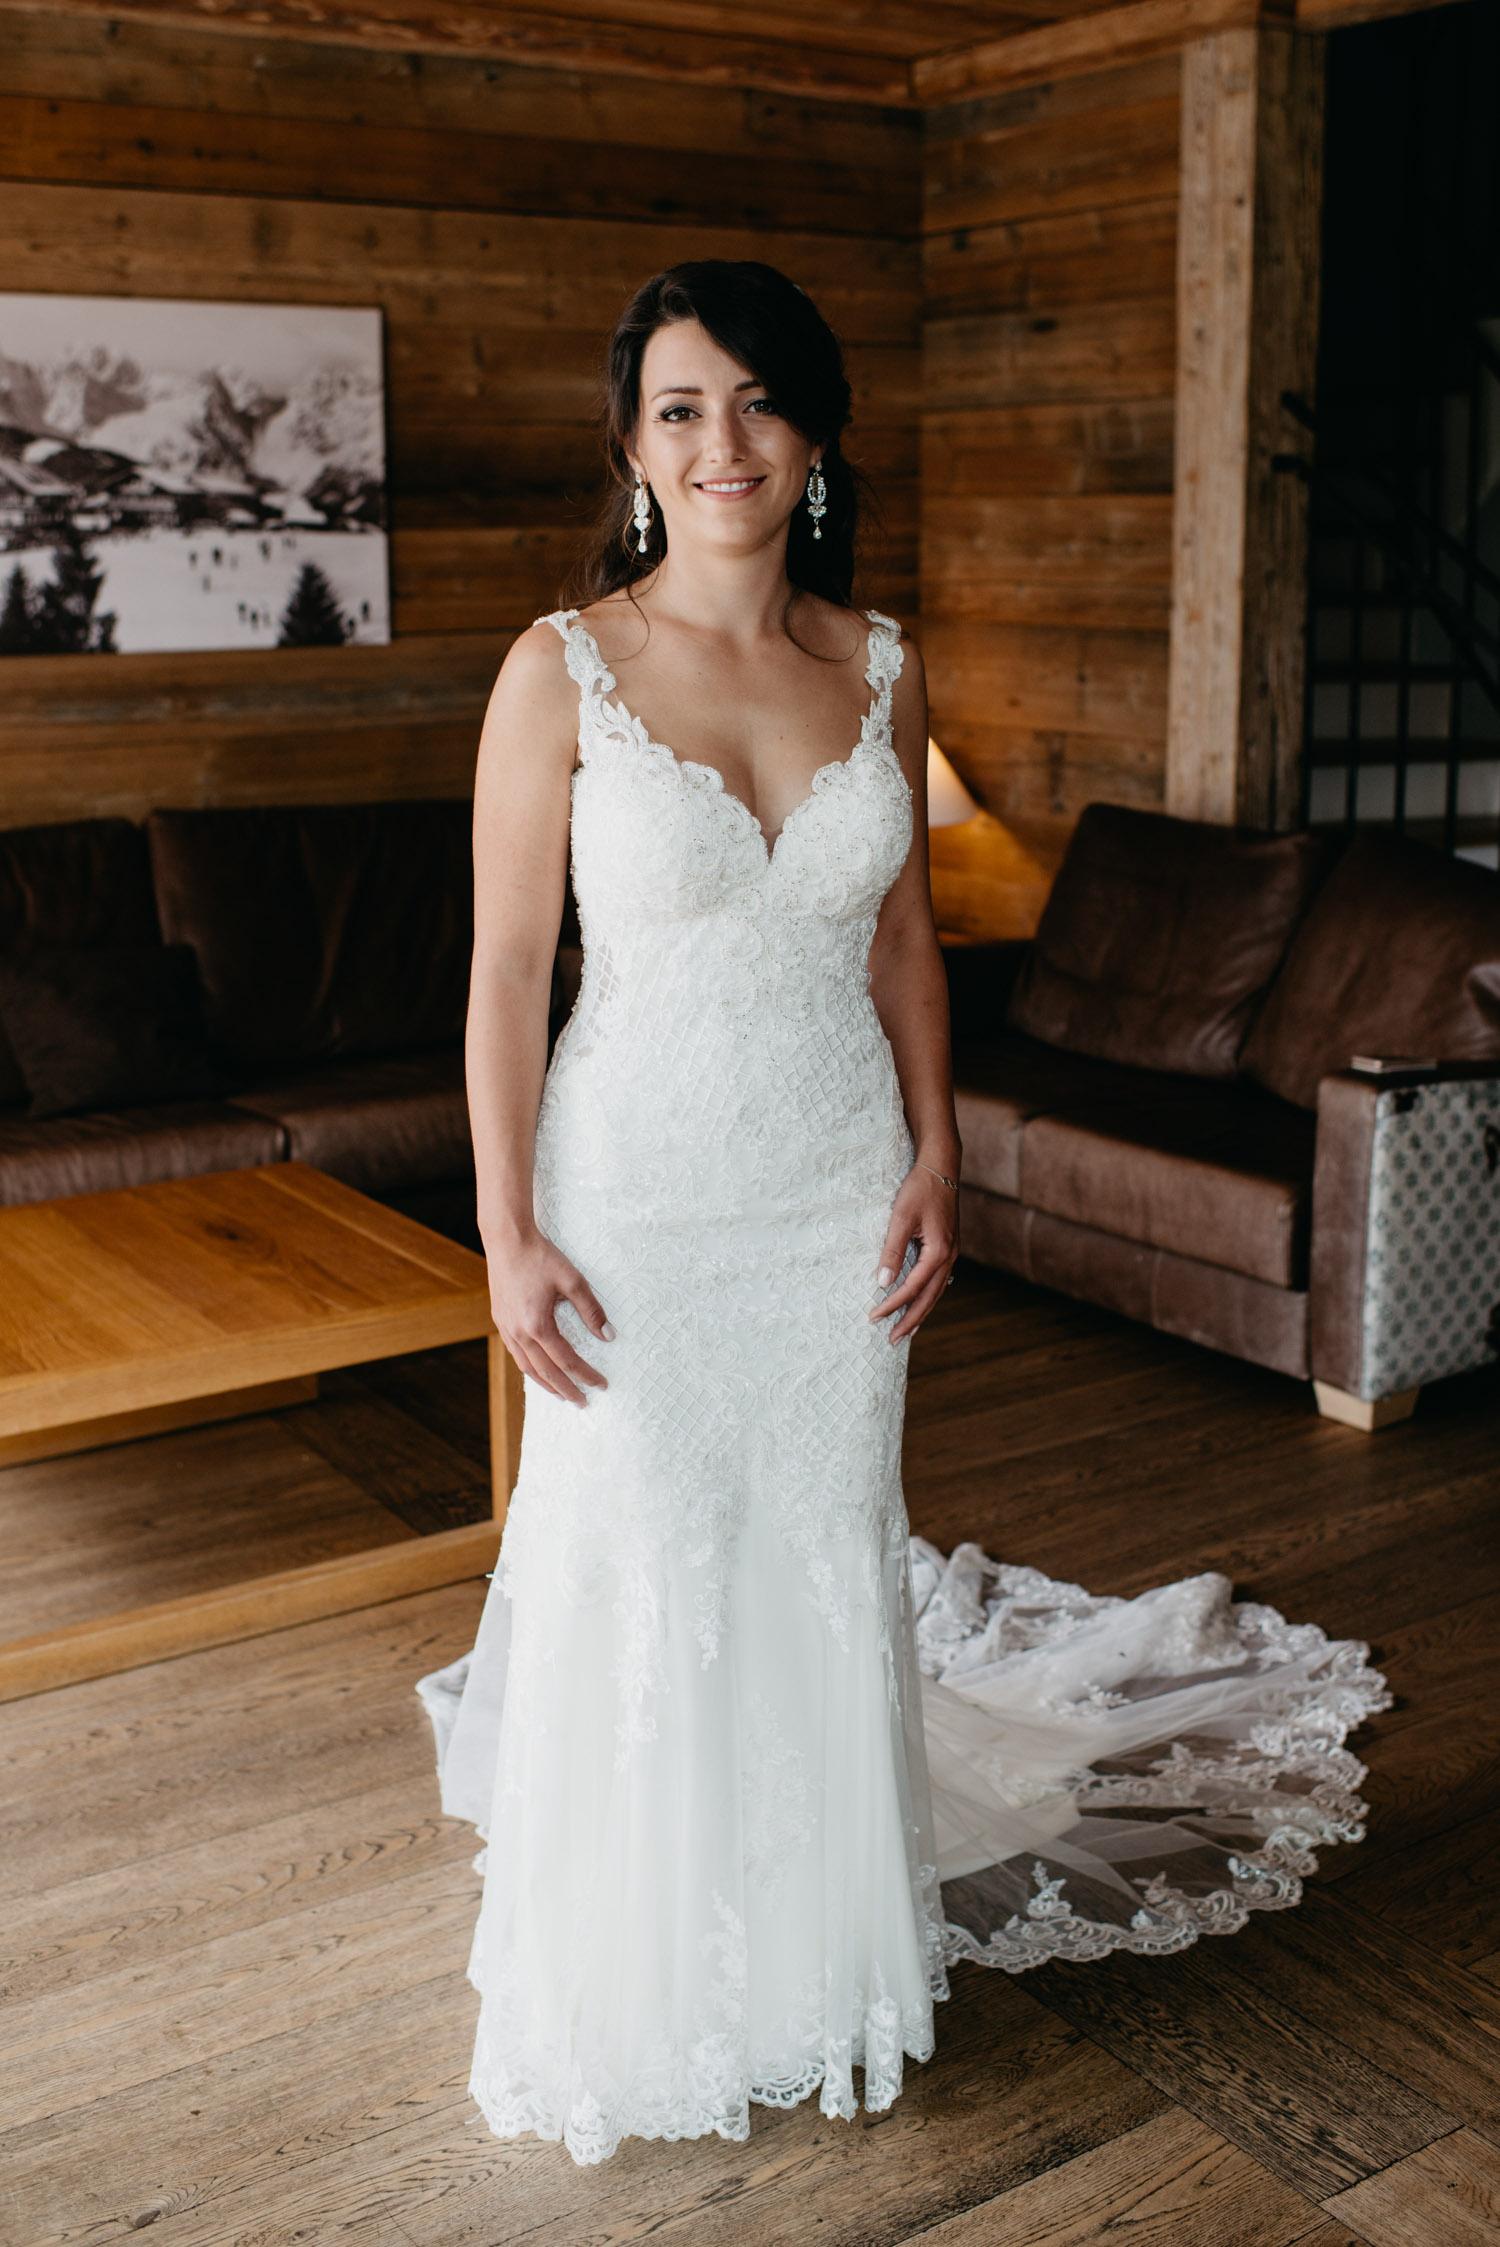 wewillweddings_hochzeitsfotografen_tirol_maierl_alm_wien-53 Hochzeitstipps Teil 1 - Das Getting Ready